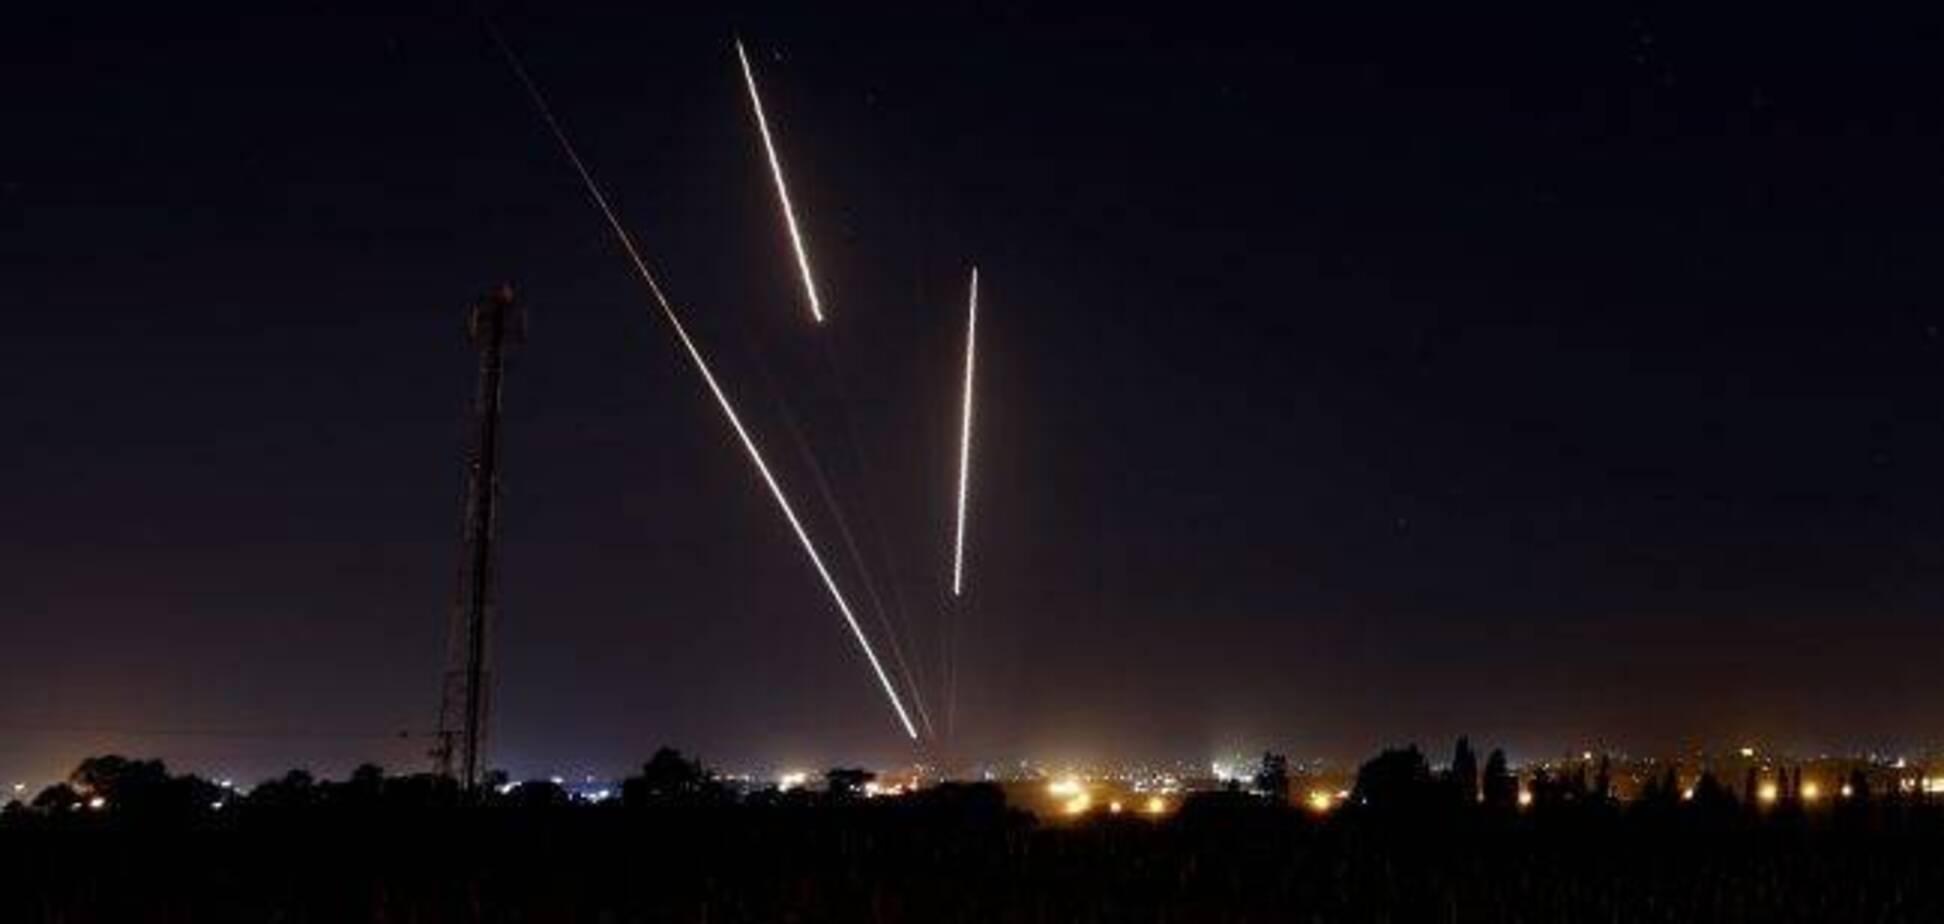 Пуск ракет из сектора Газа в направлении Израиля, 25 марта 2019 года. Источник: globalnews.ca